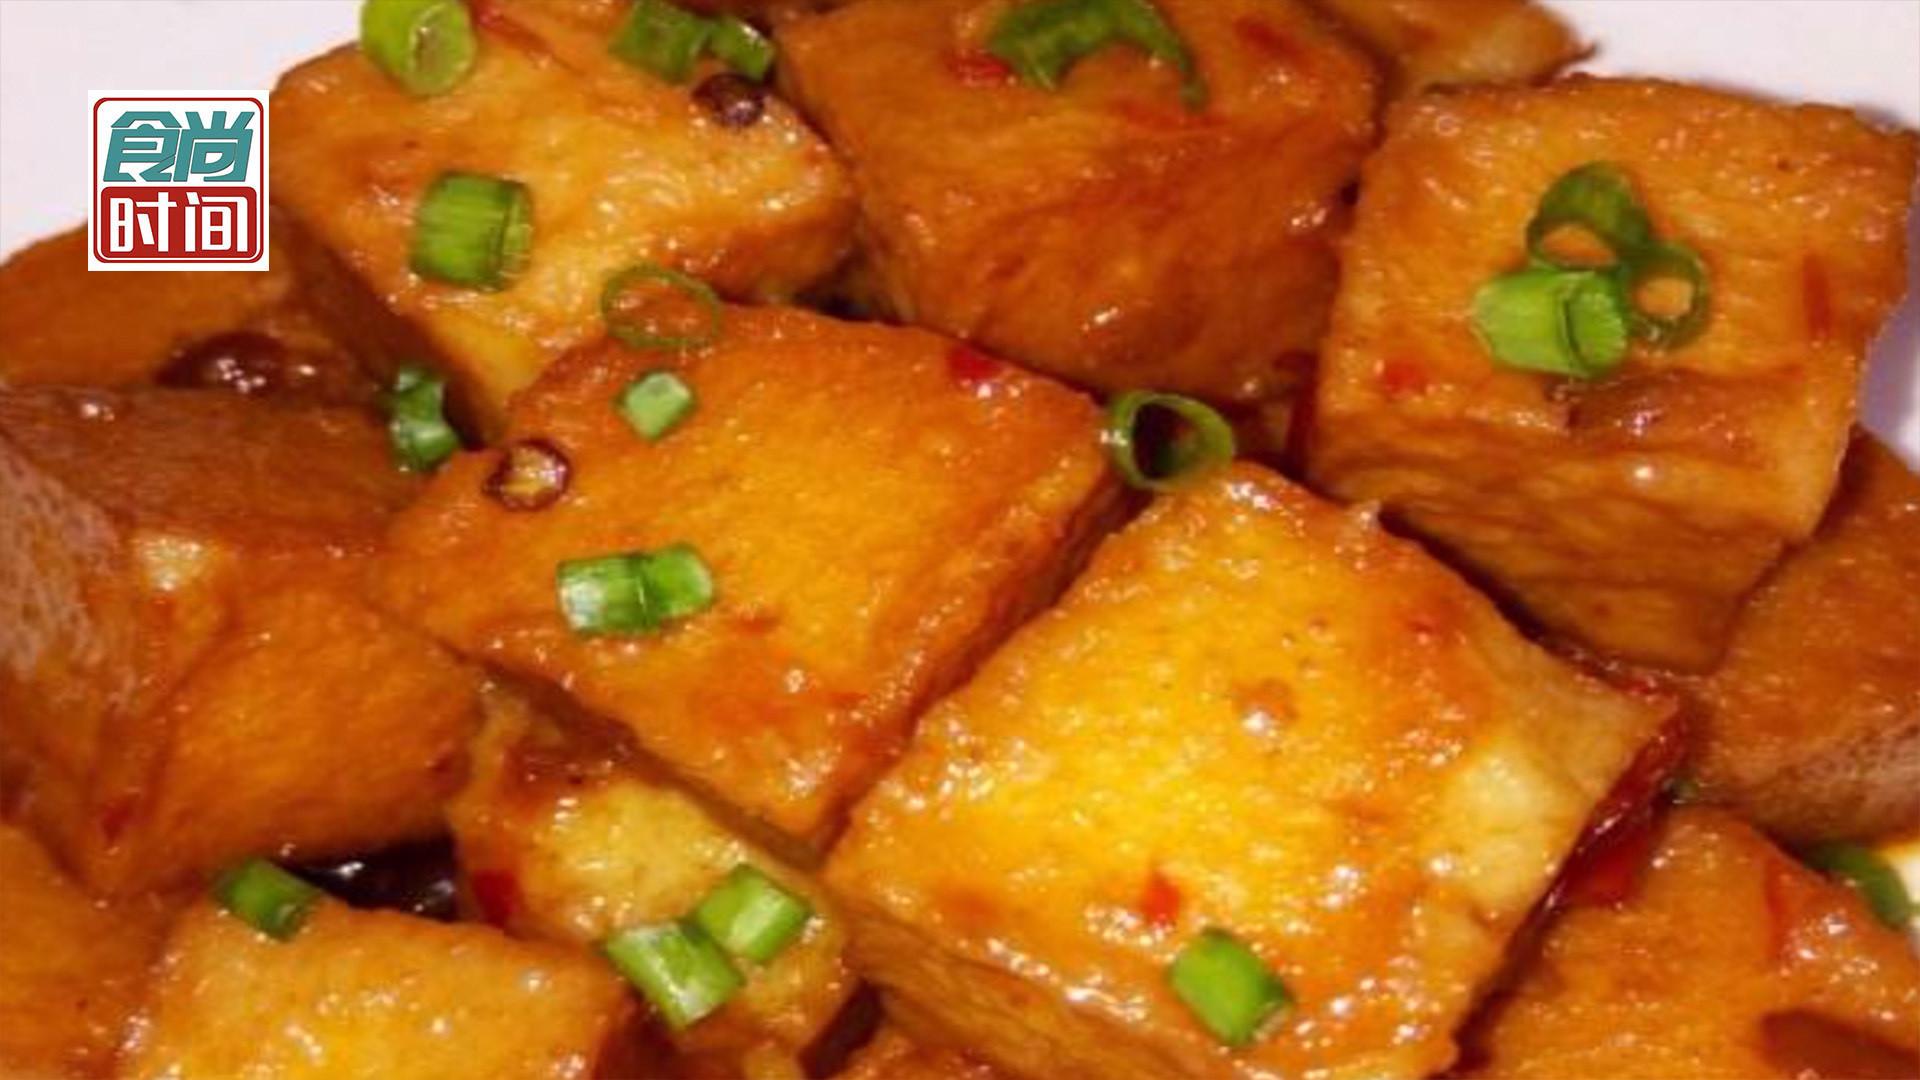 香气四溢 弹力十足 新鲜蘑菇搭配焦香鱼豆腐让你尝试不一样的新味道!